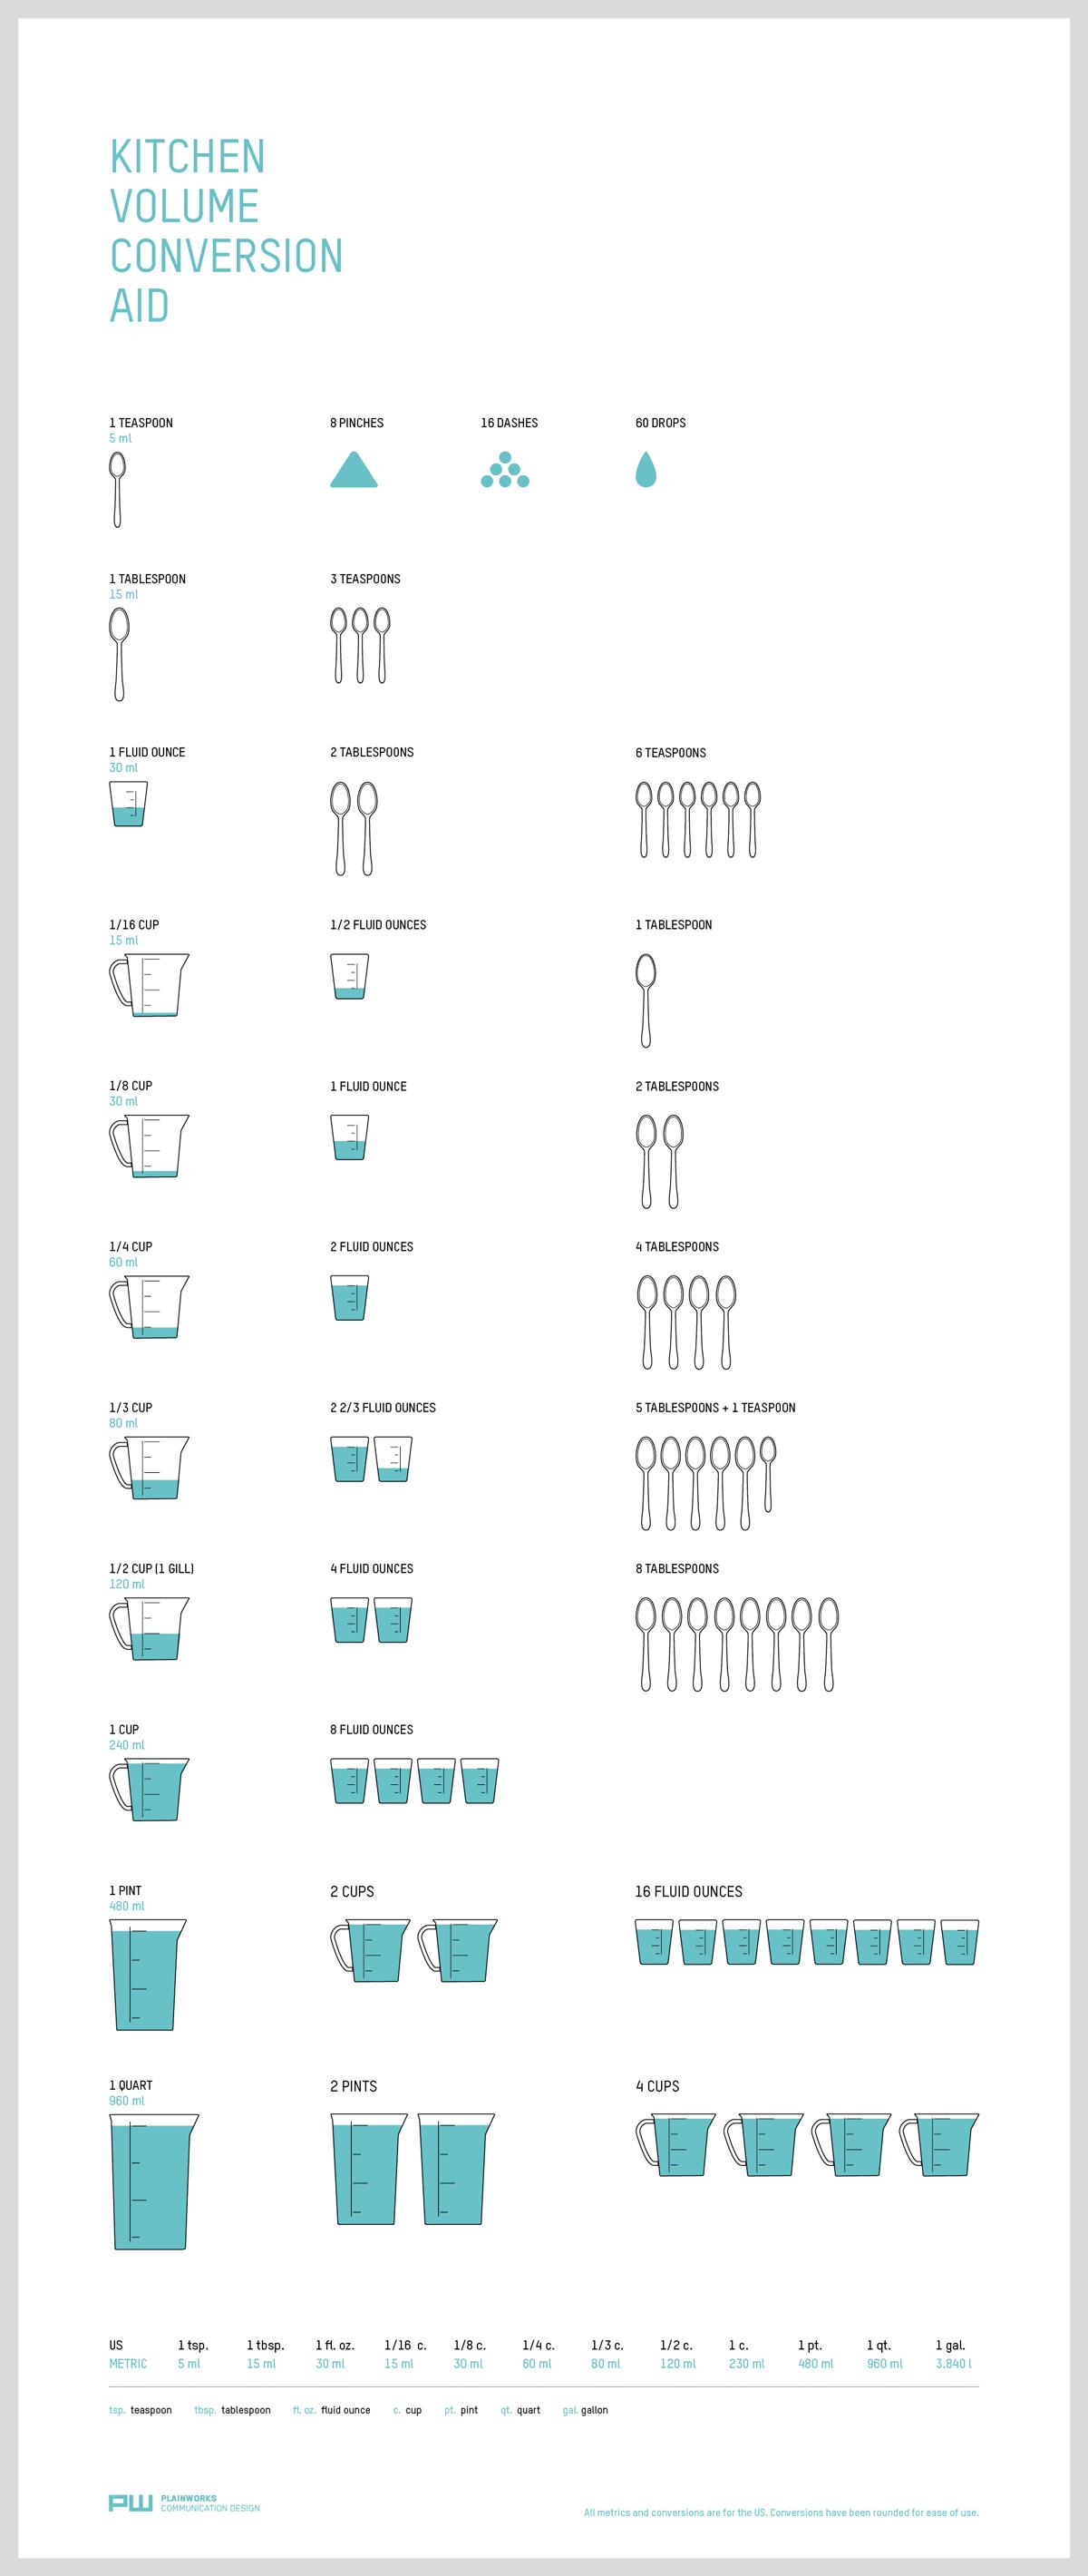 10 + -Ejemplos-de-diseño-minimalista-para-inspirar-sus-propias-creaciones-ejemplos-de-infografía-minimalista-cocina-volumen-ayuda-conversión-1